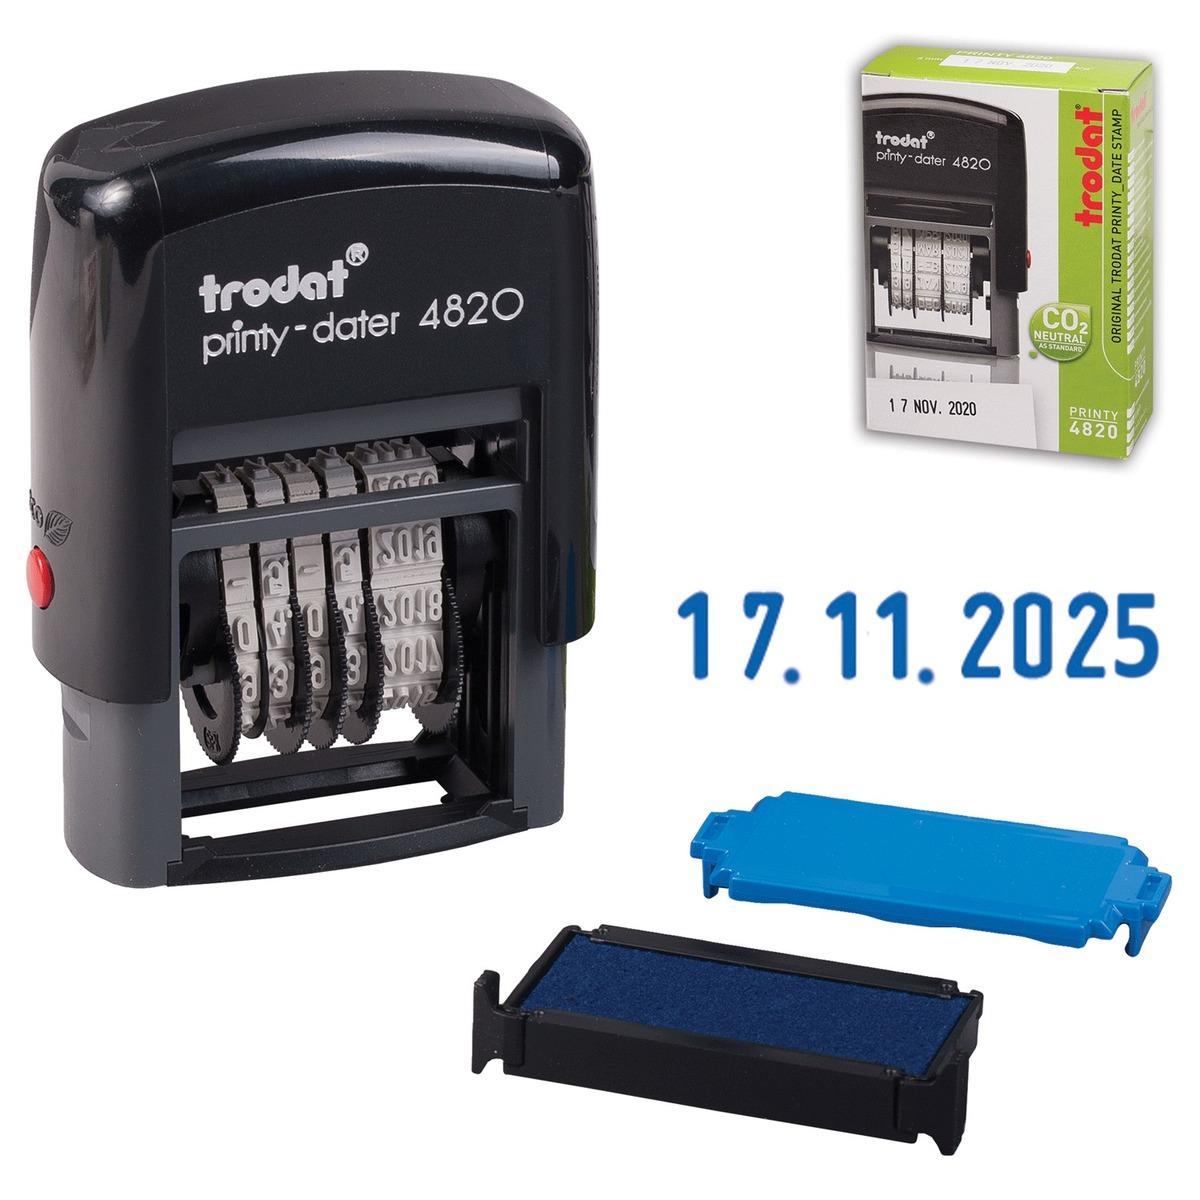 Trodat Датер мини месяц цифрами 22 х 4 мм82498Мини-датер проставляет оттиск даты с указанием месяца цифрами. Дата меняется вращением колесика. Часто используется для маркировки документов и сроков изготовления на товарах.